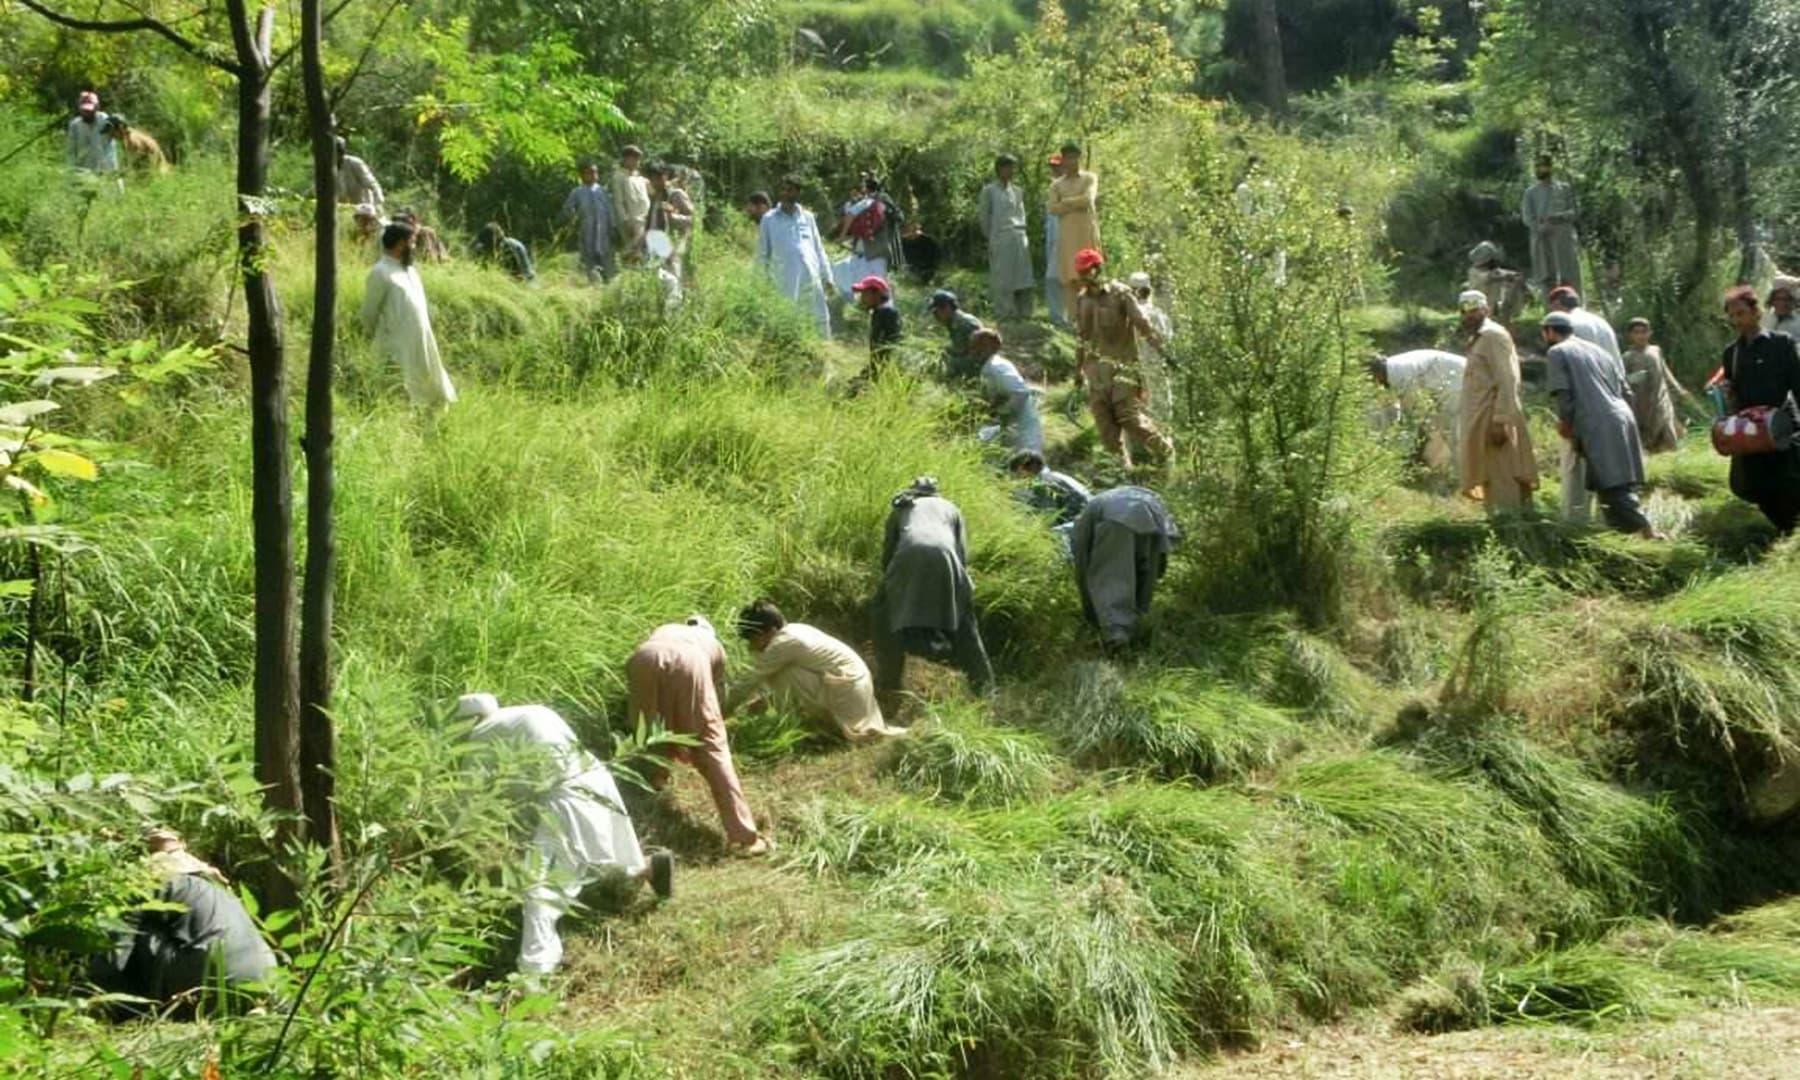 گھاس کٹائی کے اشر کے دوران لوگوں کے گروپ بن جاتے ہیں اور گھاس کٹائی کا مقابلہ شروع ہو جاتا ہے—تصویر نصیب یار